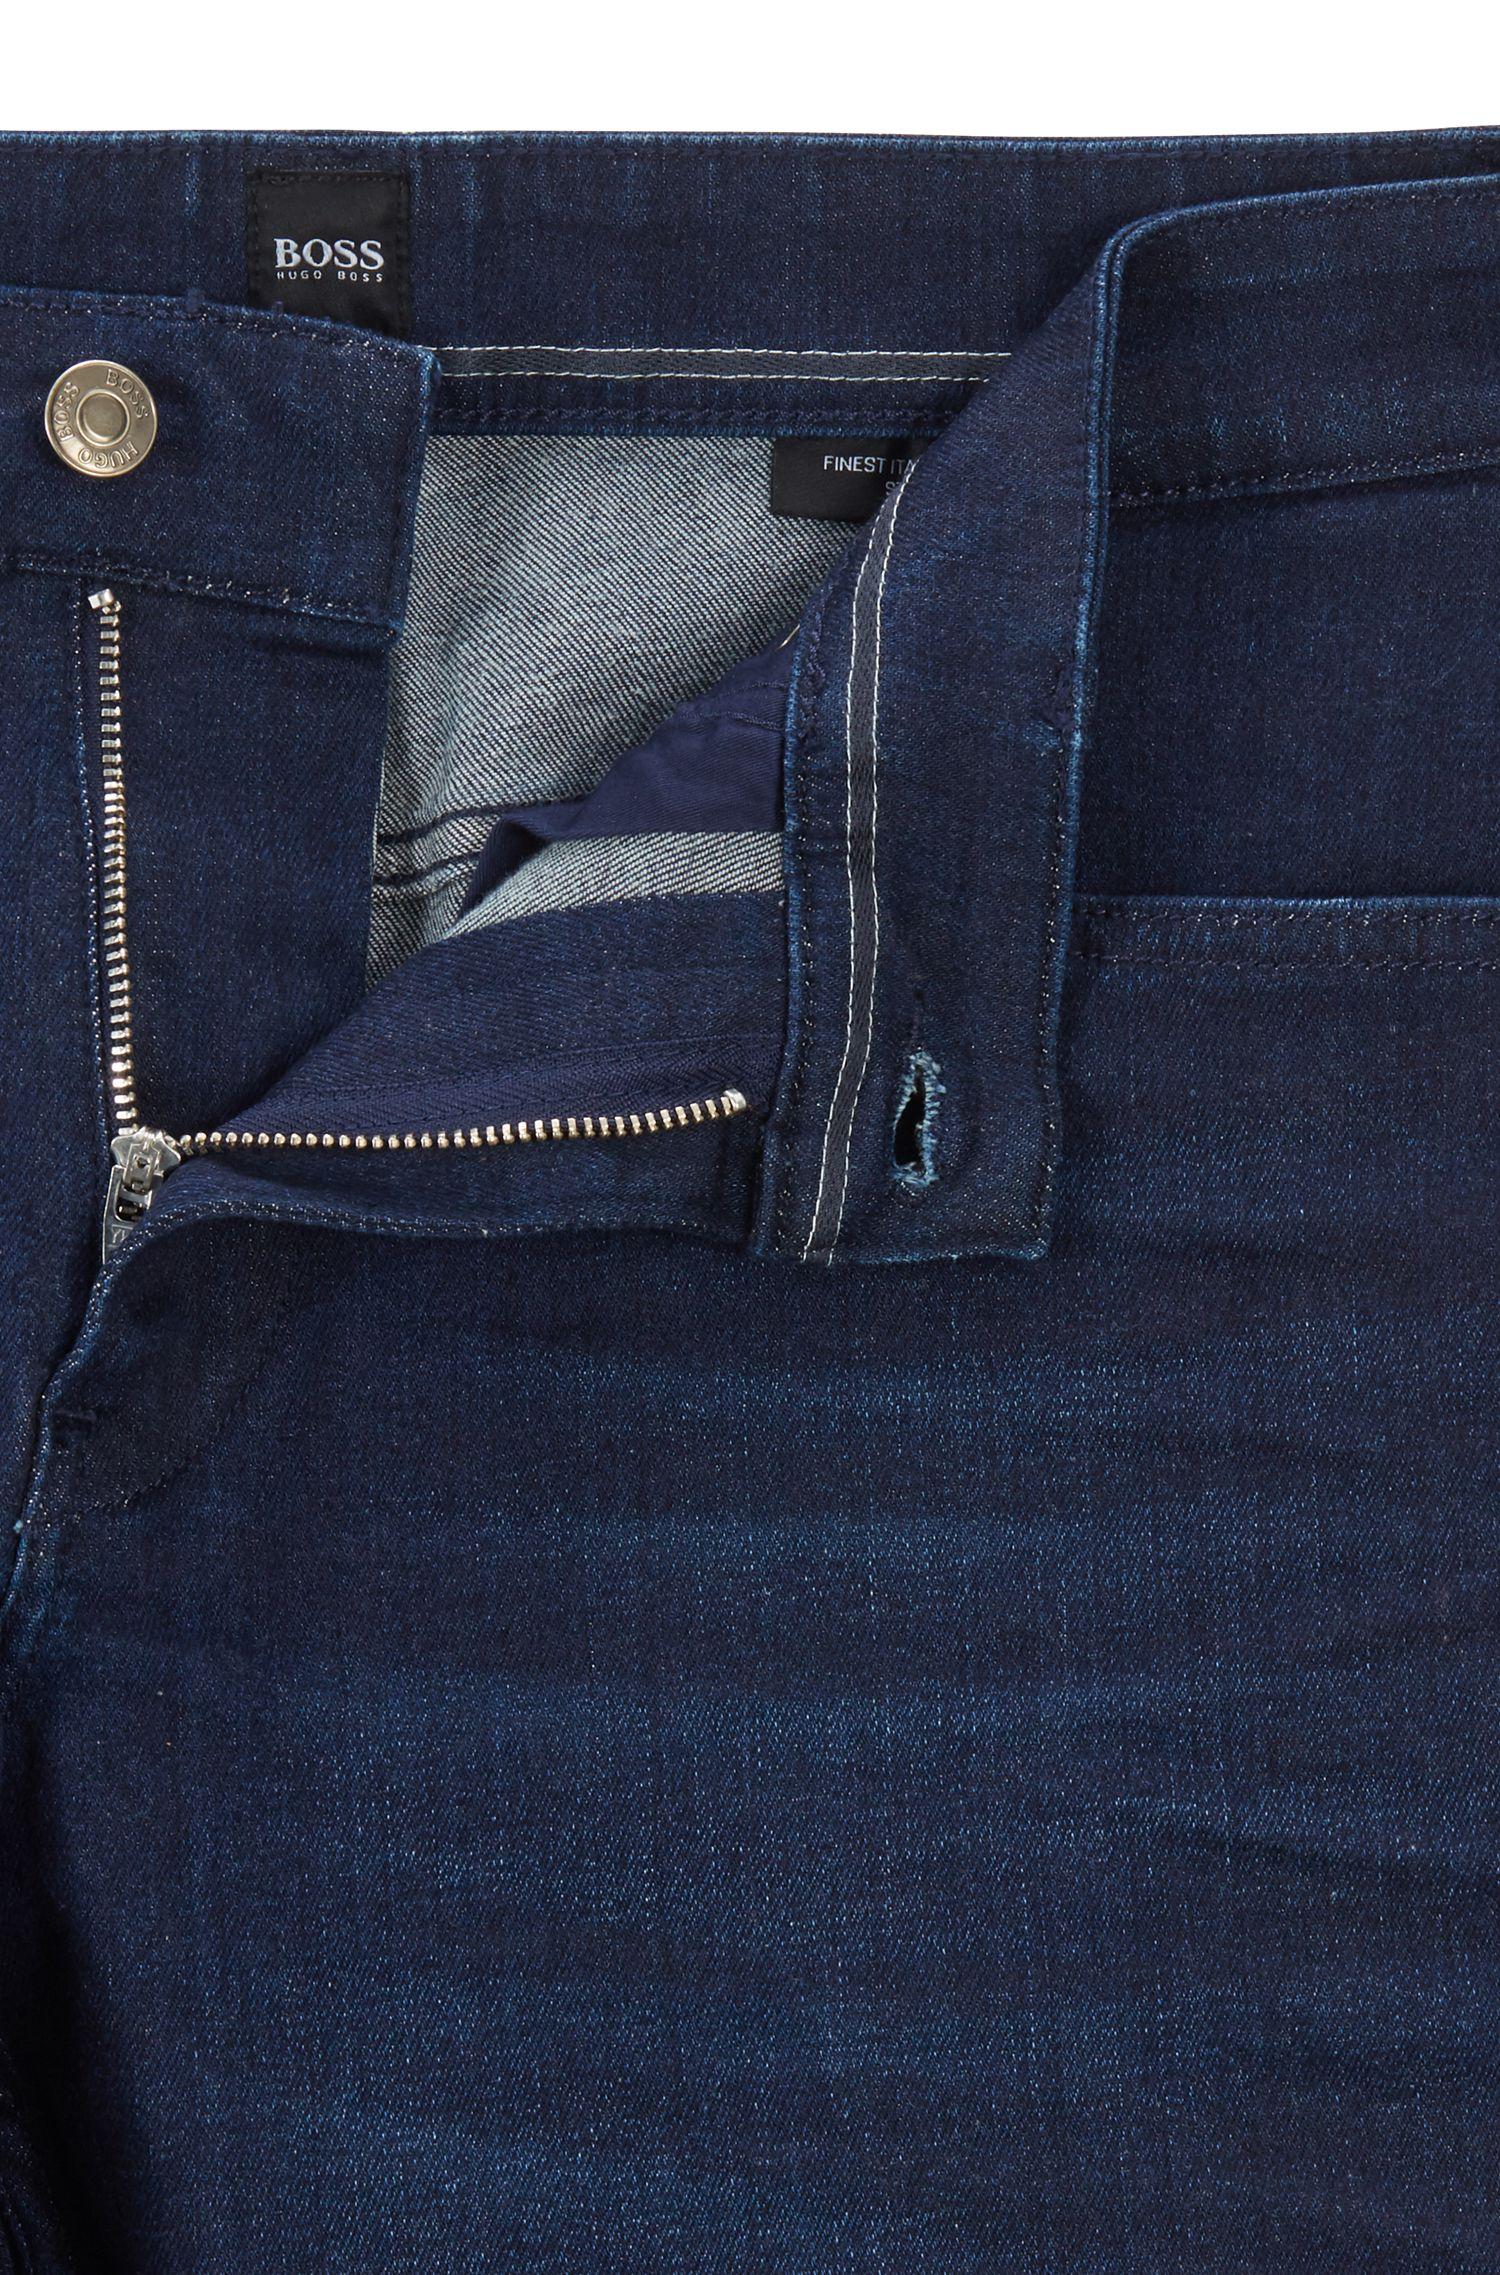 Vaqueros slim fit en denim elástico italiano con lavado de zafiro, Azul oscuro